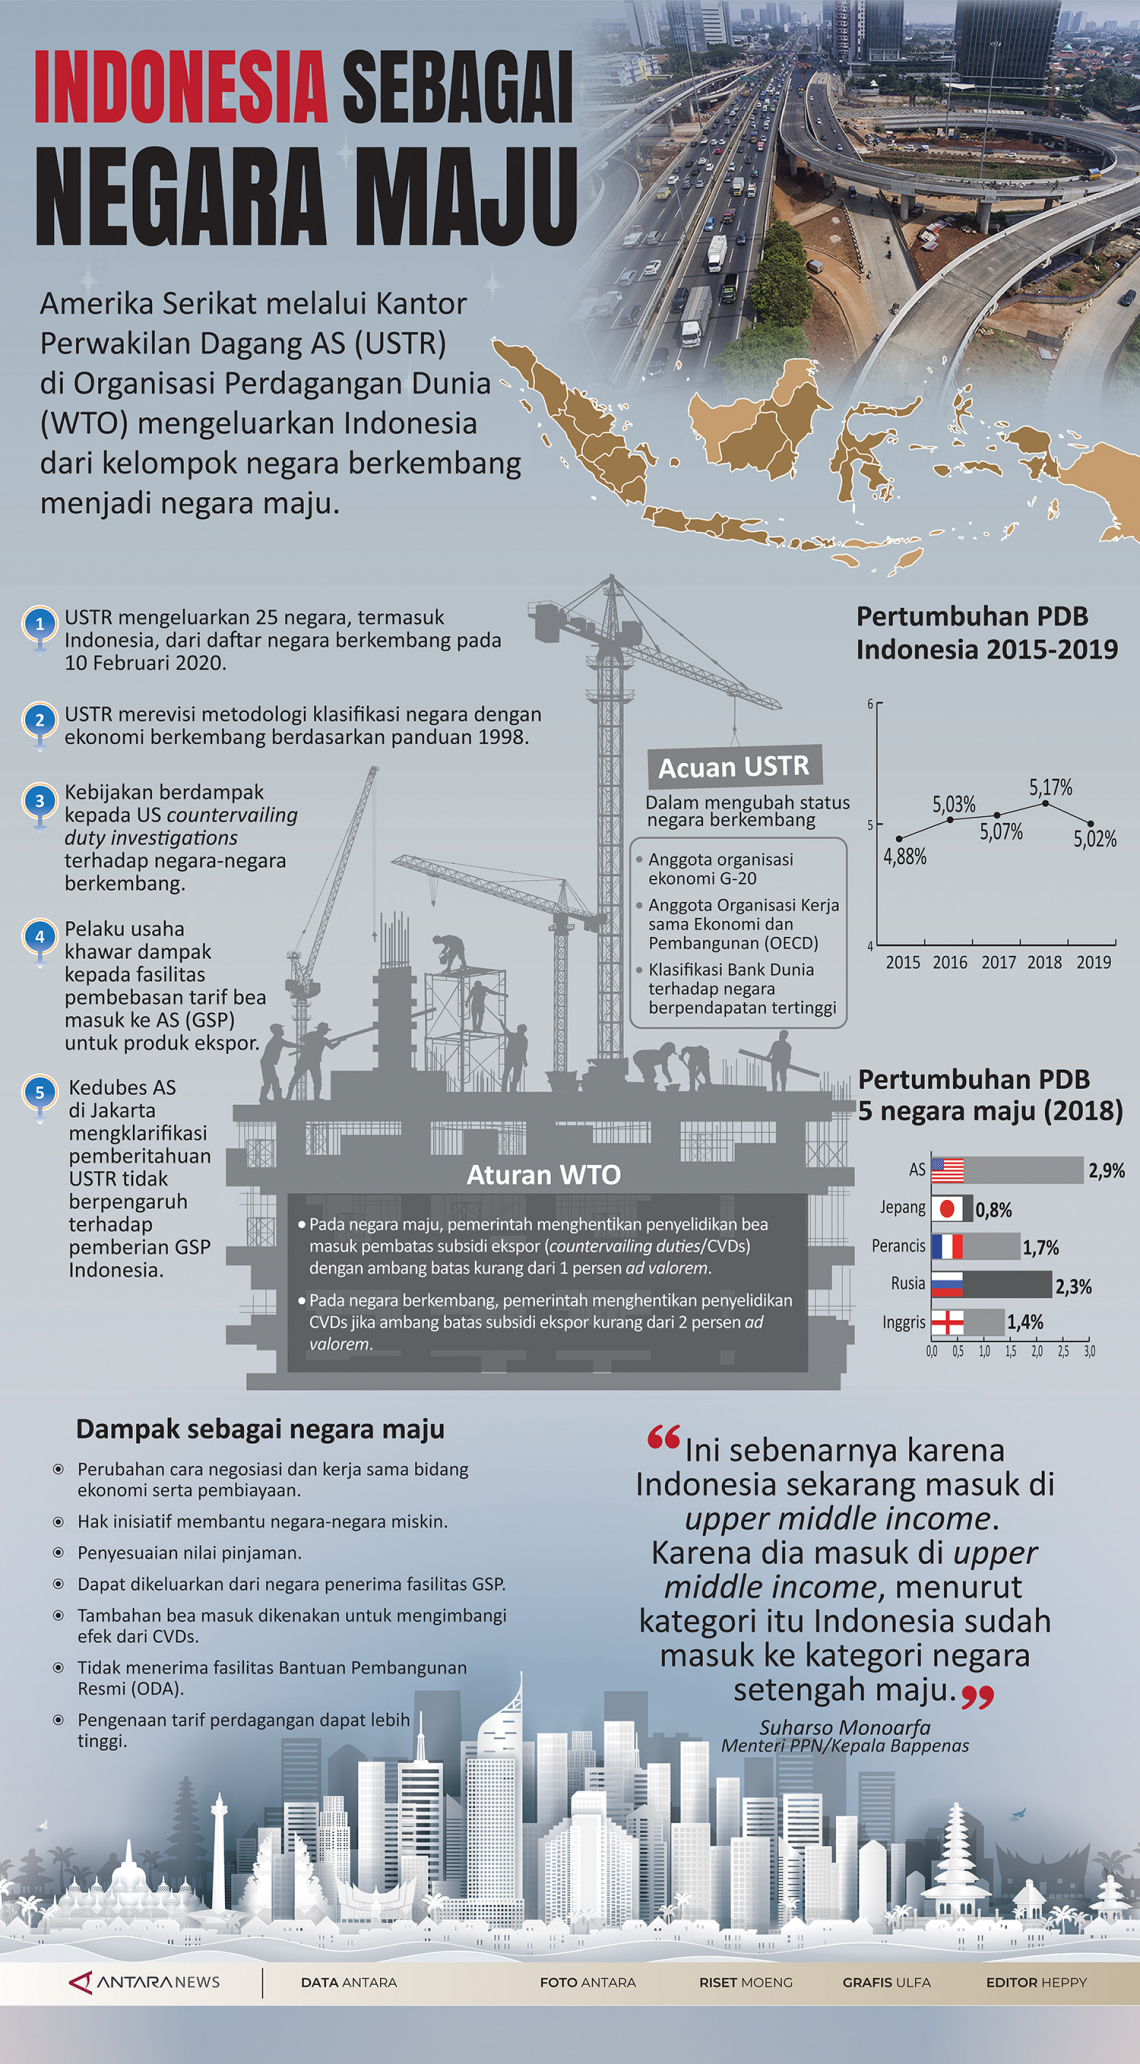 Indonesia sebagai negara maju